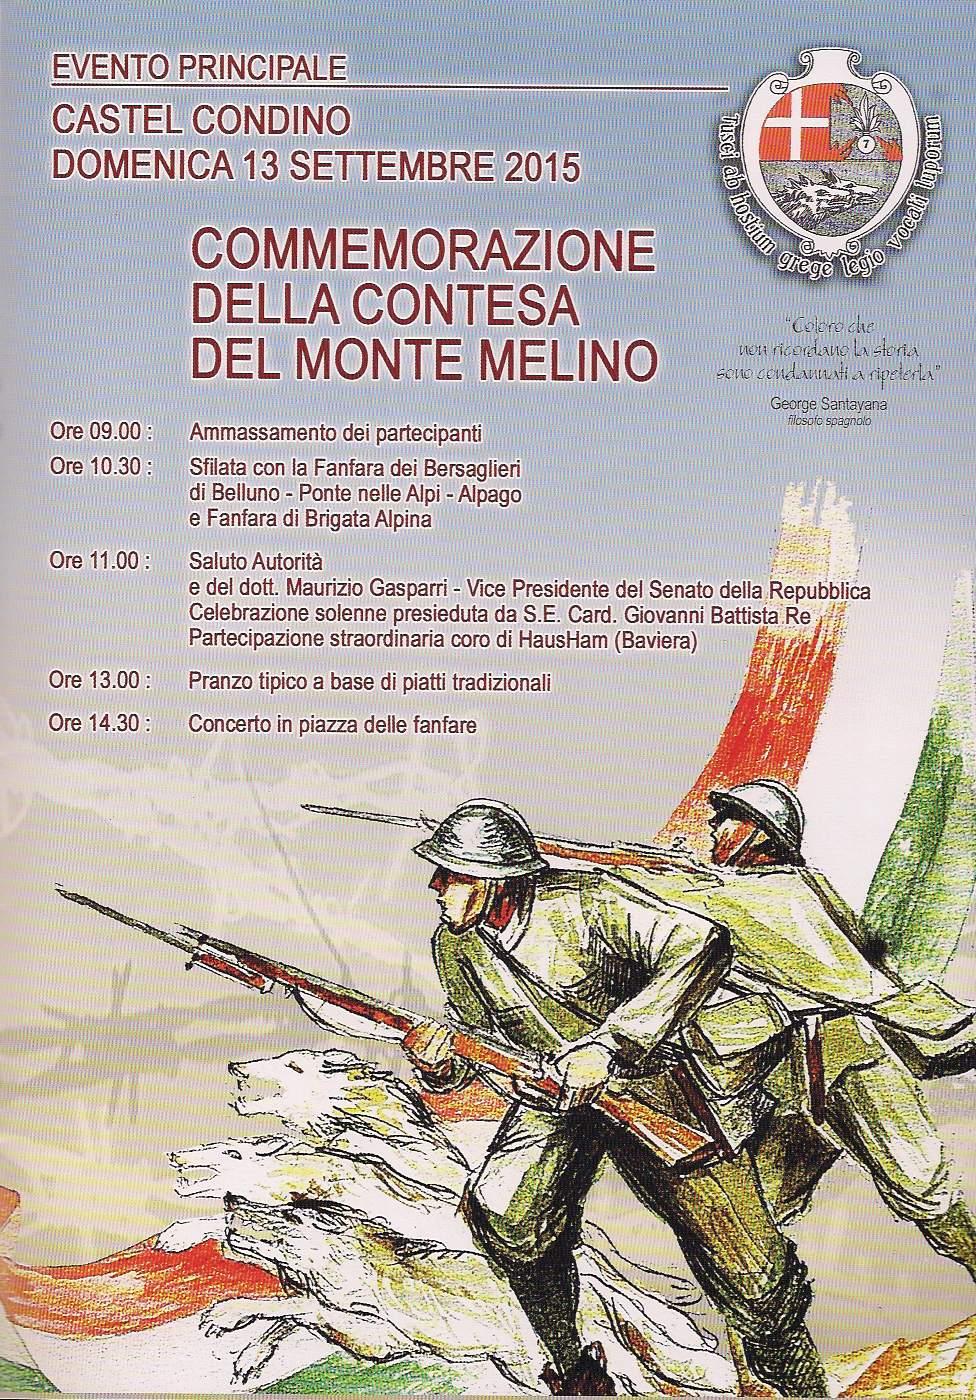 Manifesto commemorazione della contesa del Monte Melino 2015